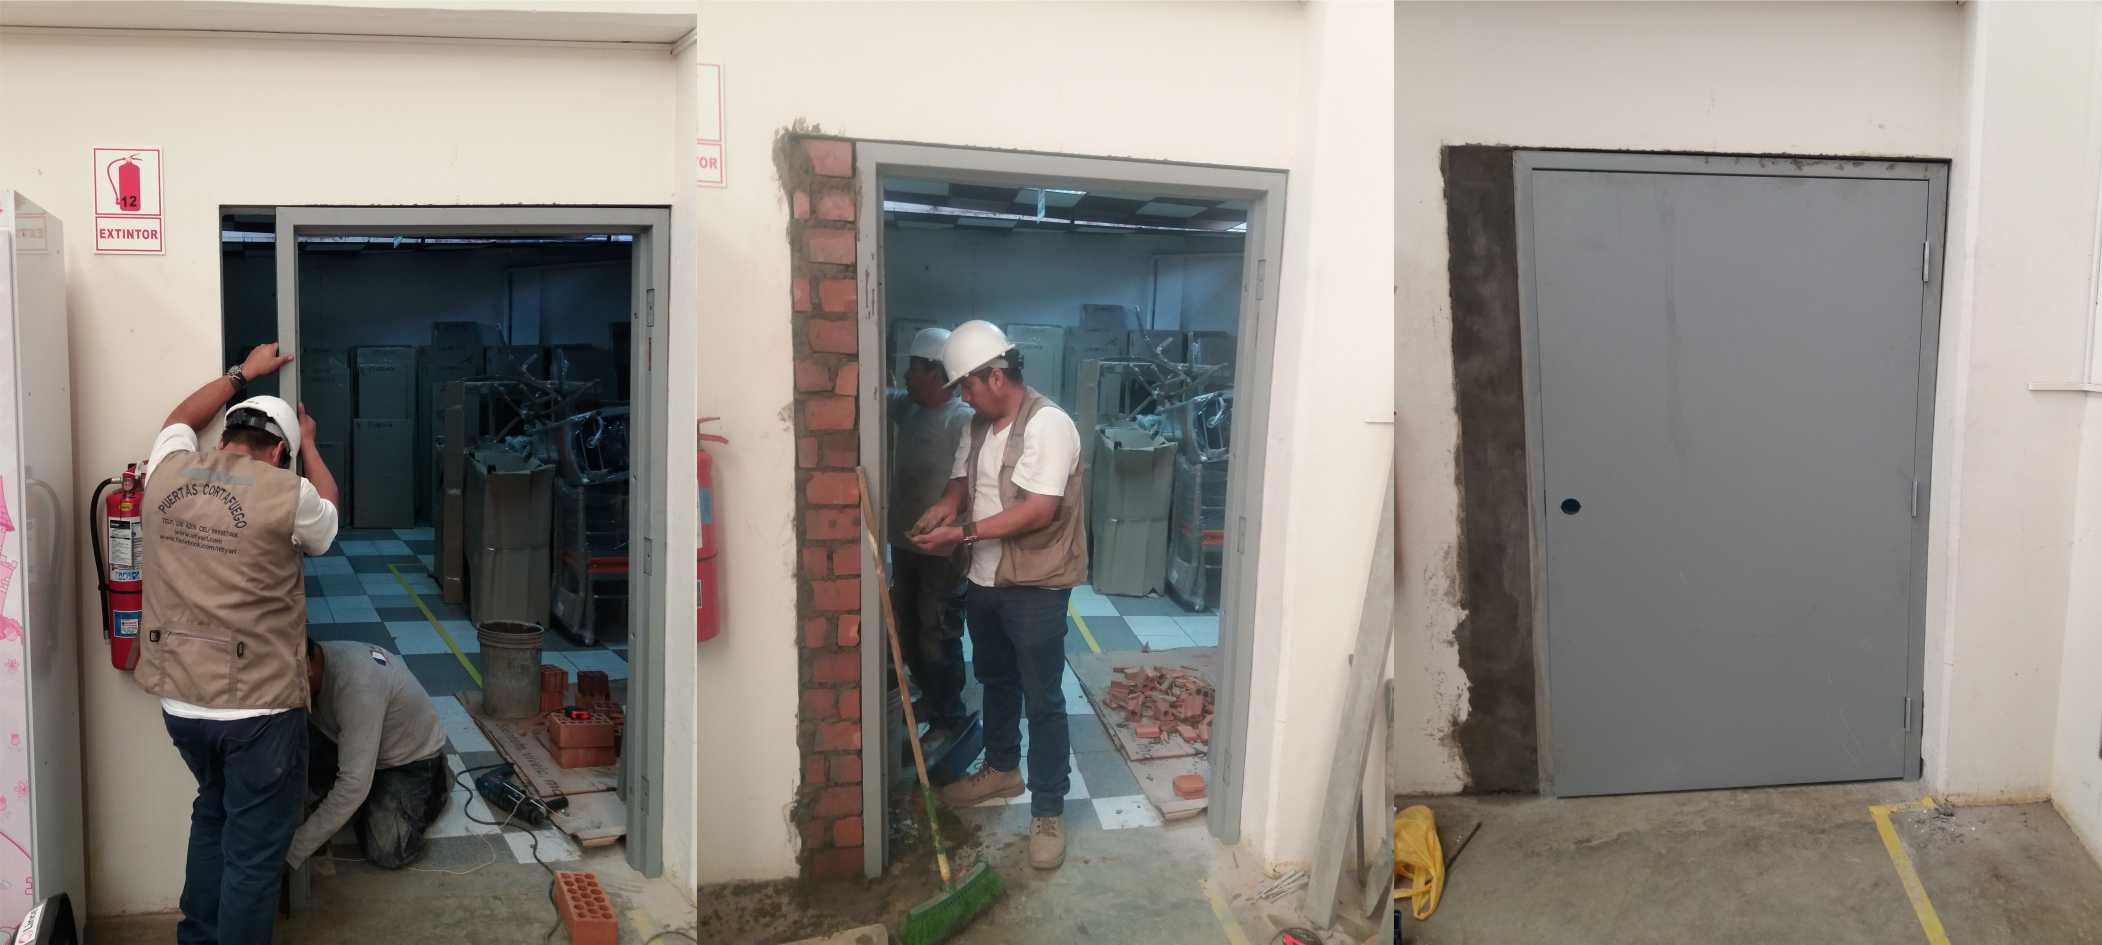 Instalaci n de puertas cortafuego for Instalacion de puertas